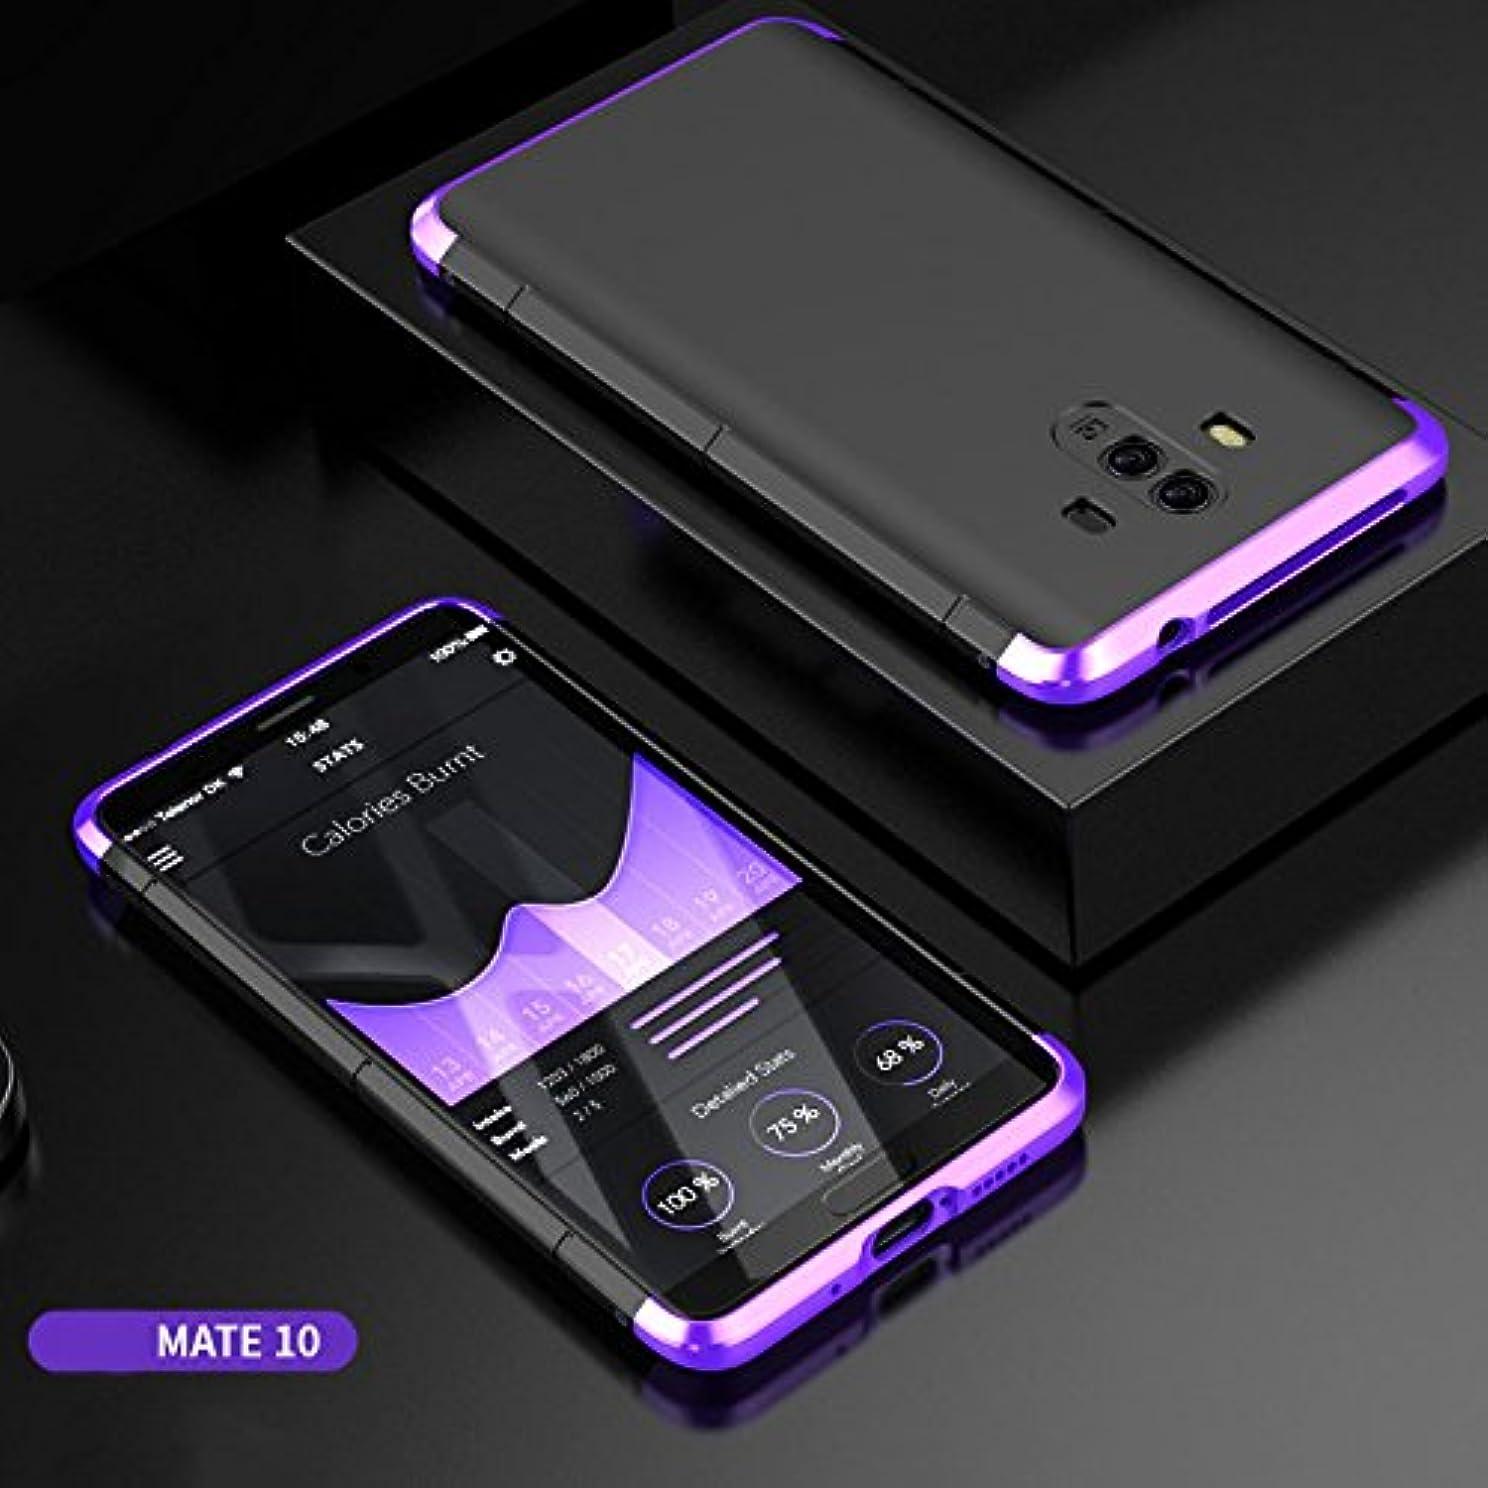 デコレーション書く容器Jicorzo - Huawei社メイト10 Coqueのために華為メイト10電話ケース耐衝撃バンパーフレームシェルのためにファッションメタル+ PC電話裏表紙